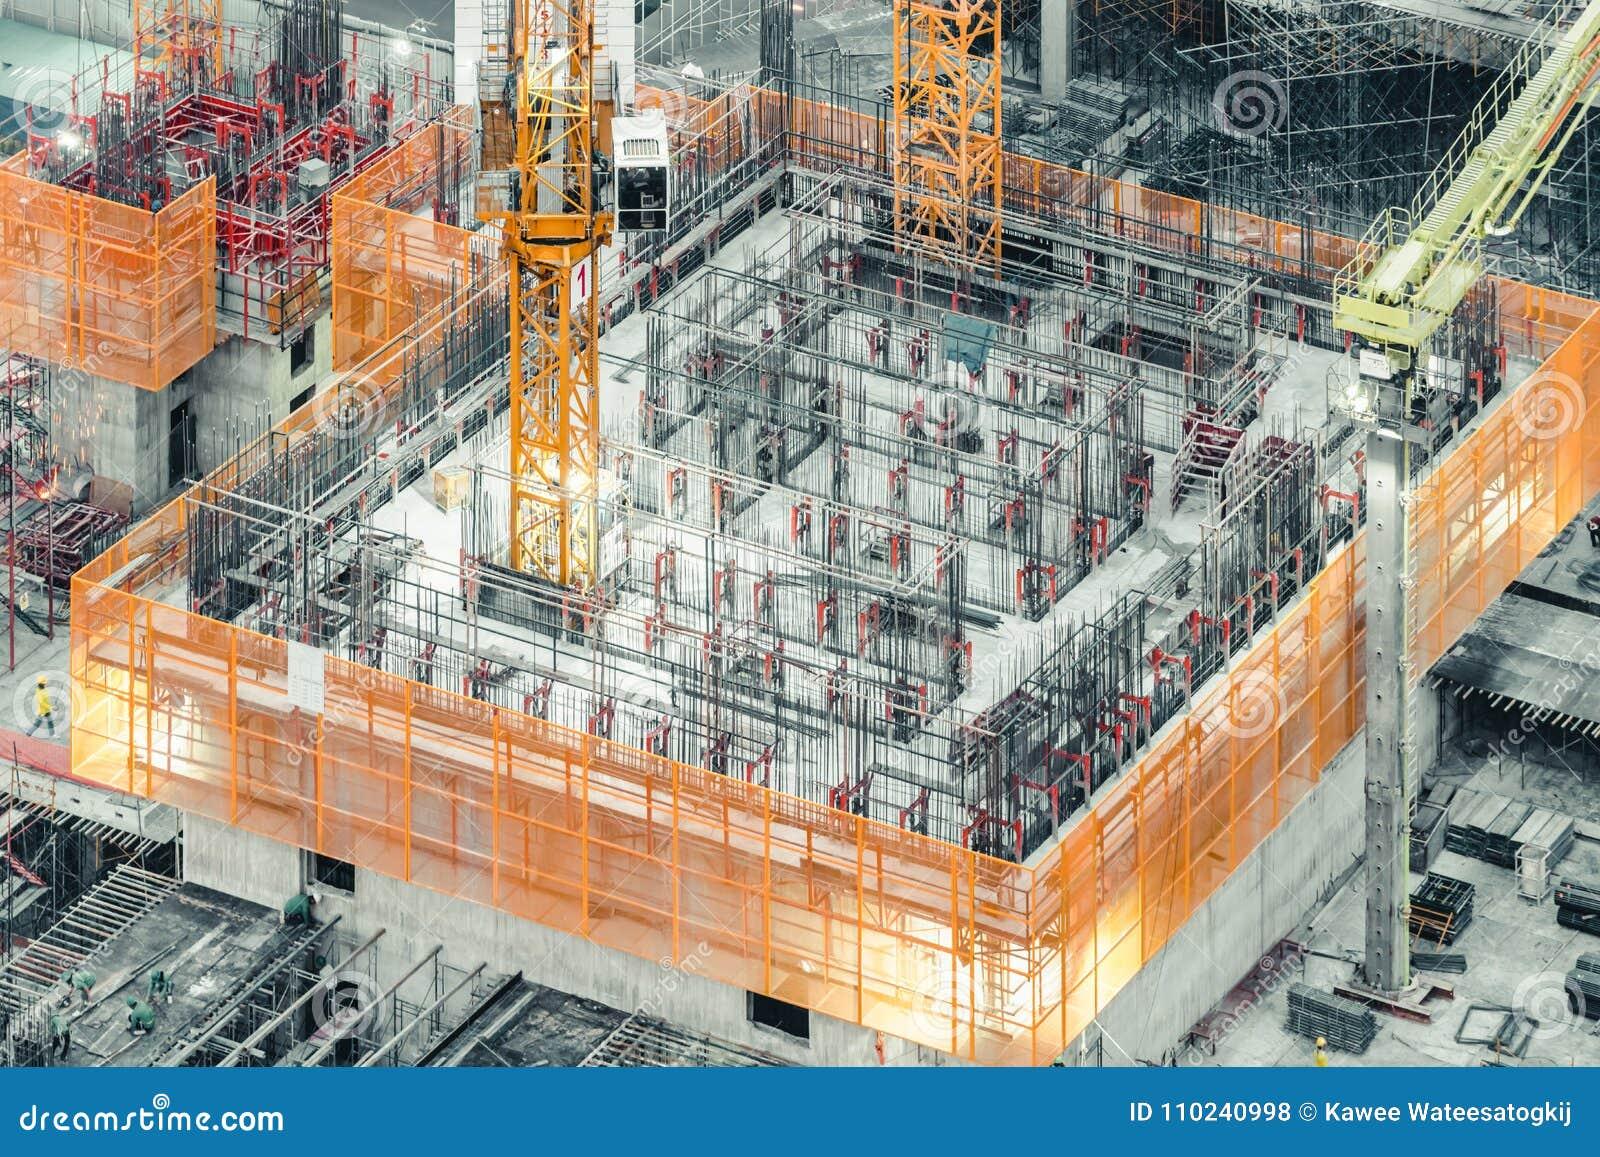 Взгляд сверху нижнего здания конструкции Гражданское строительство, проект индустриального развития, инфраструктура подвала башни